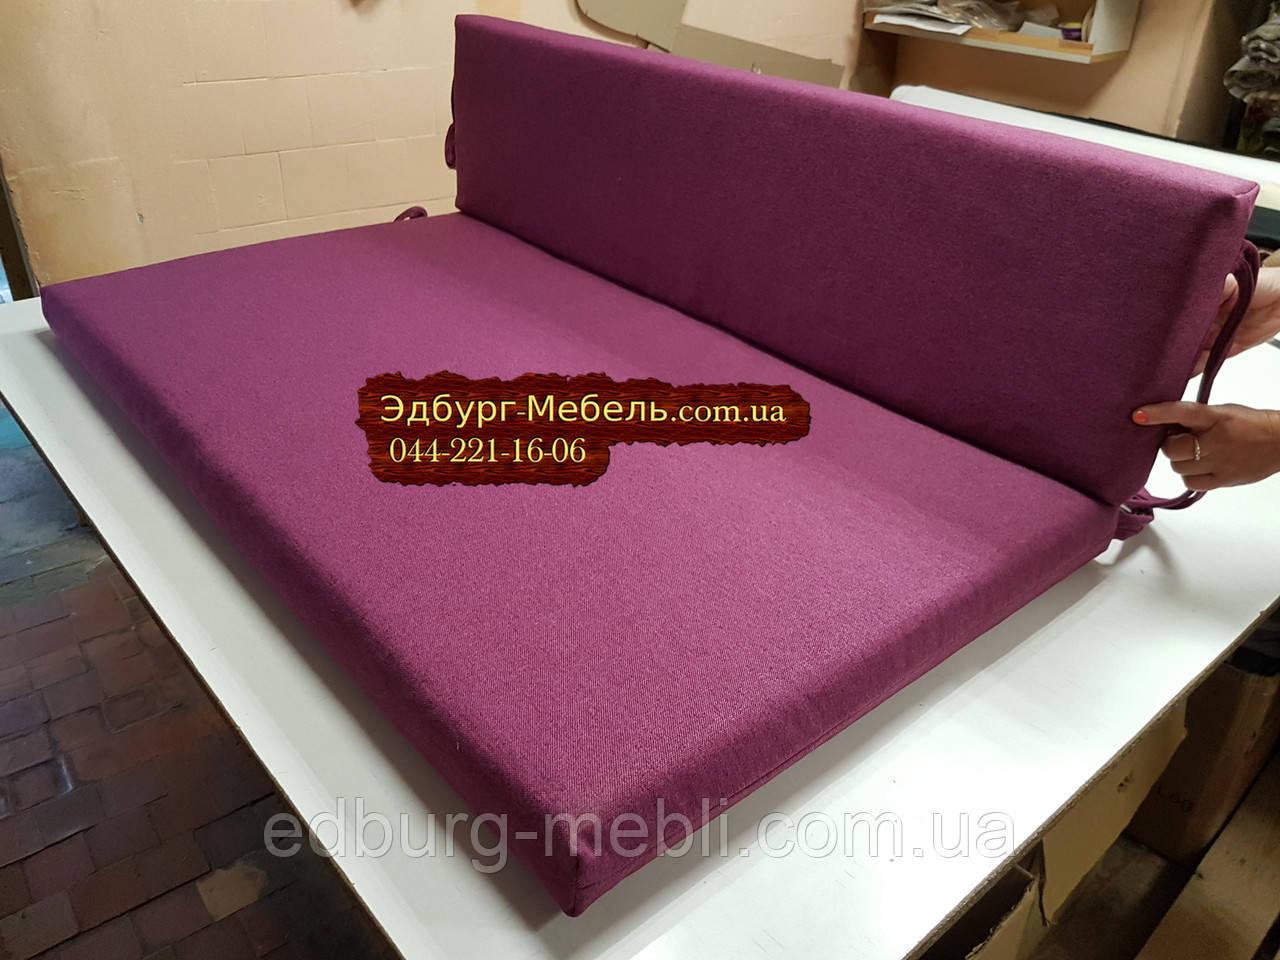 Подушки для мебели из паллет, поддонов - фото 1